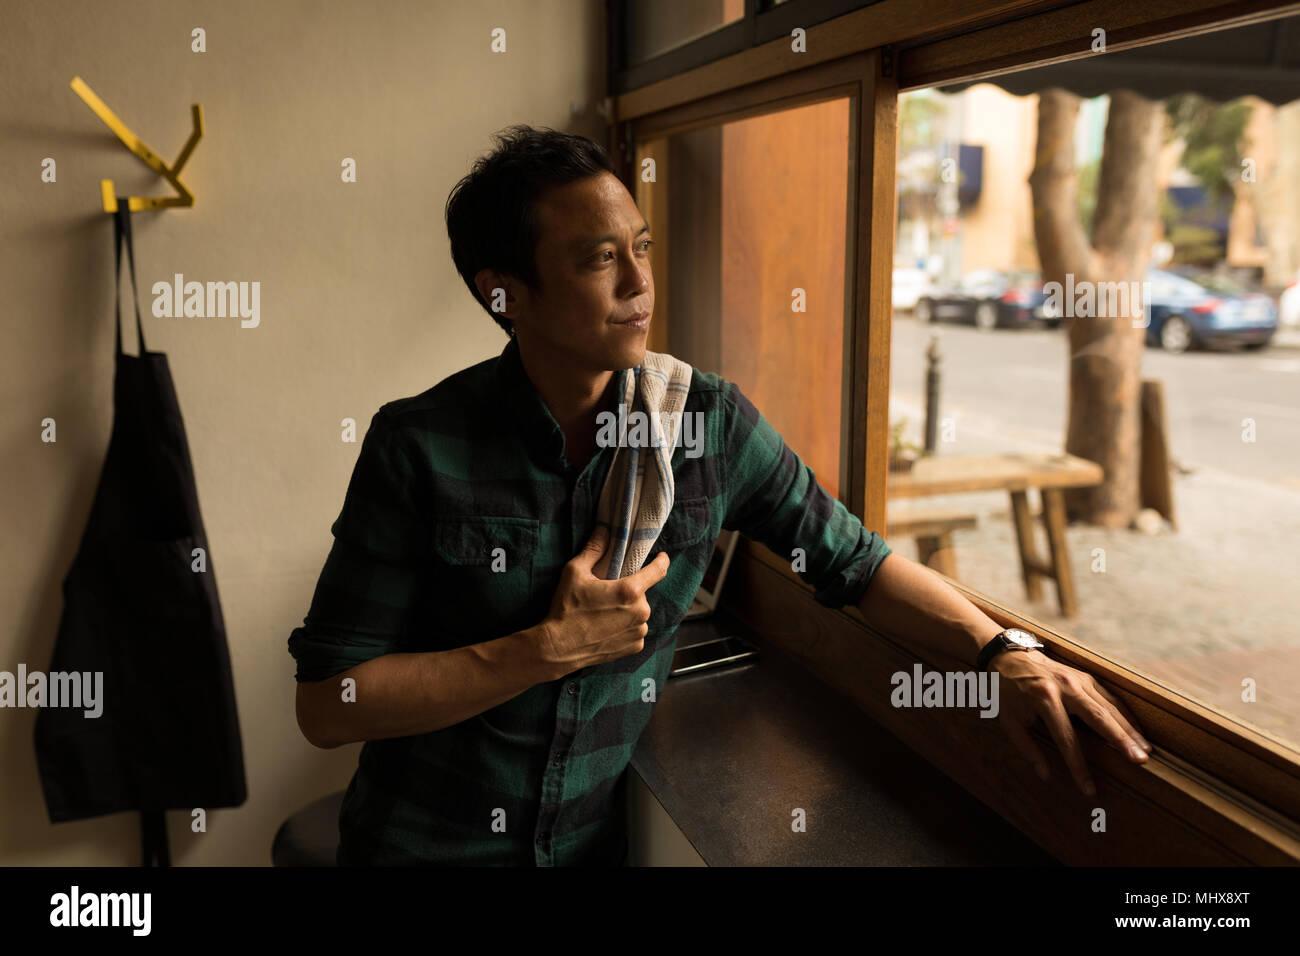 Homme sérieux à la recherche d'une fenêtre Photo Stock